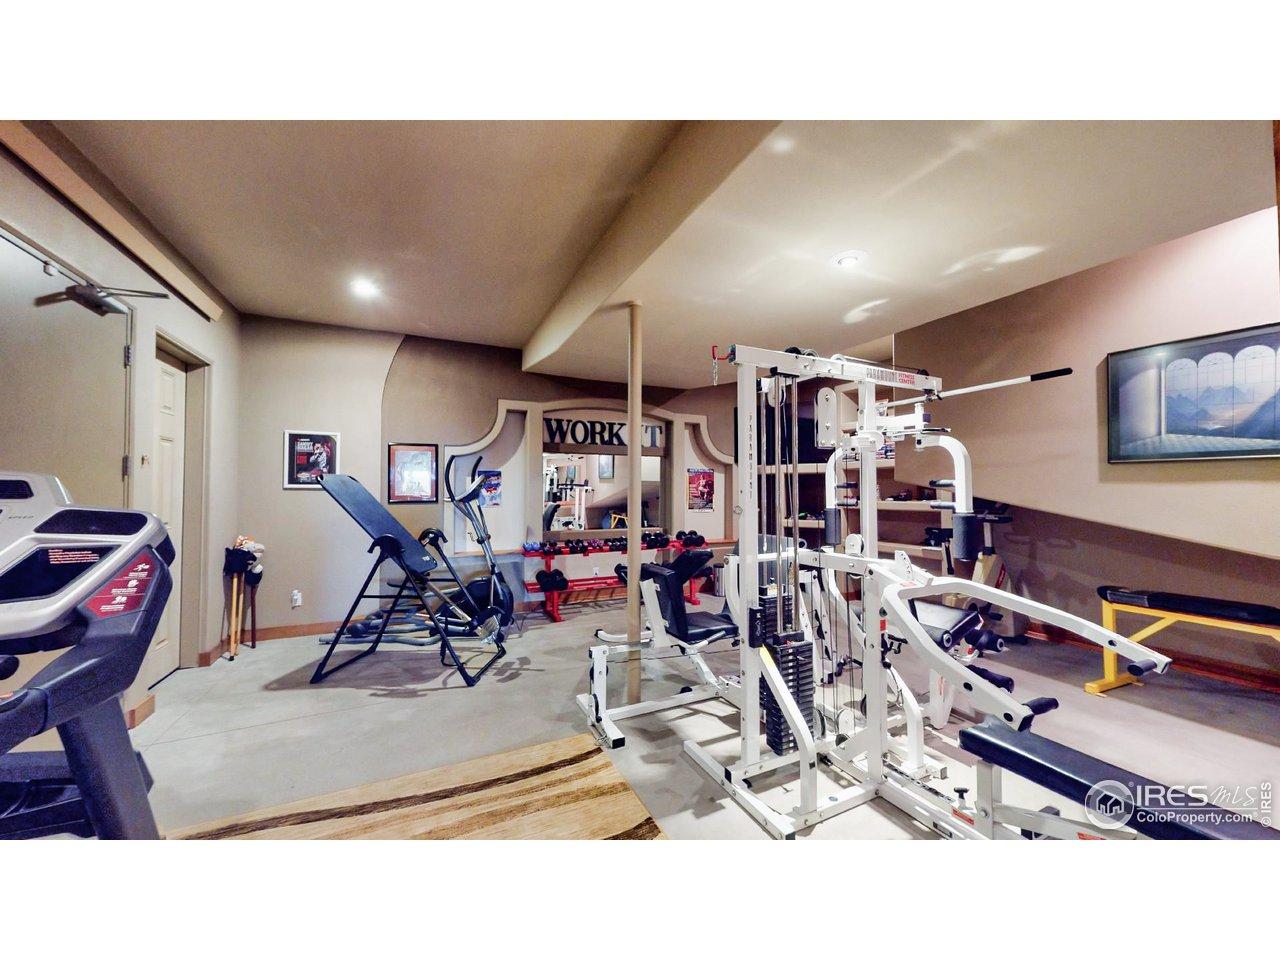 Work It!  - Gym